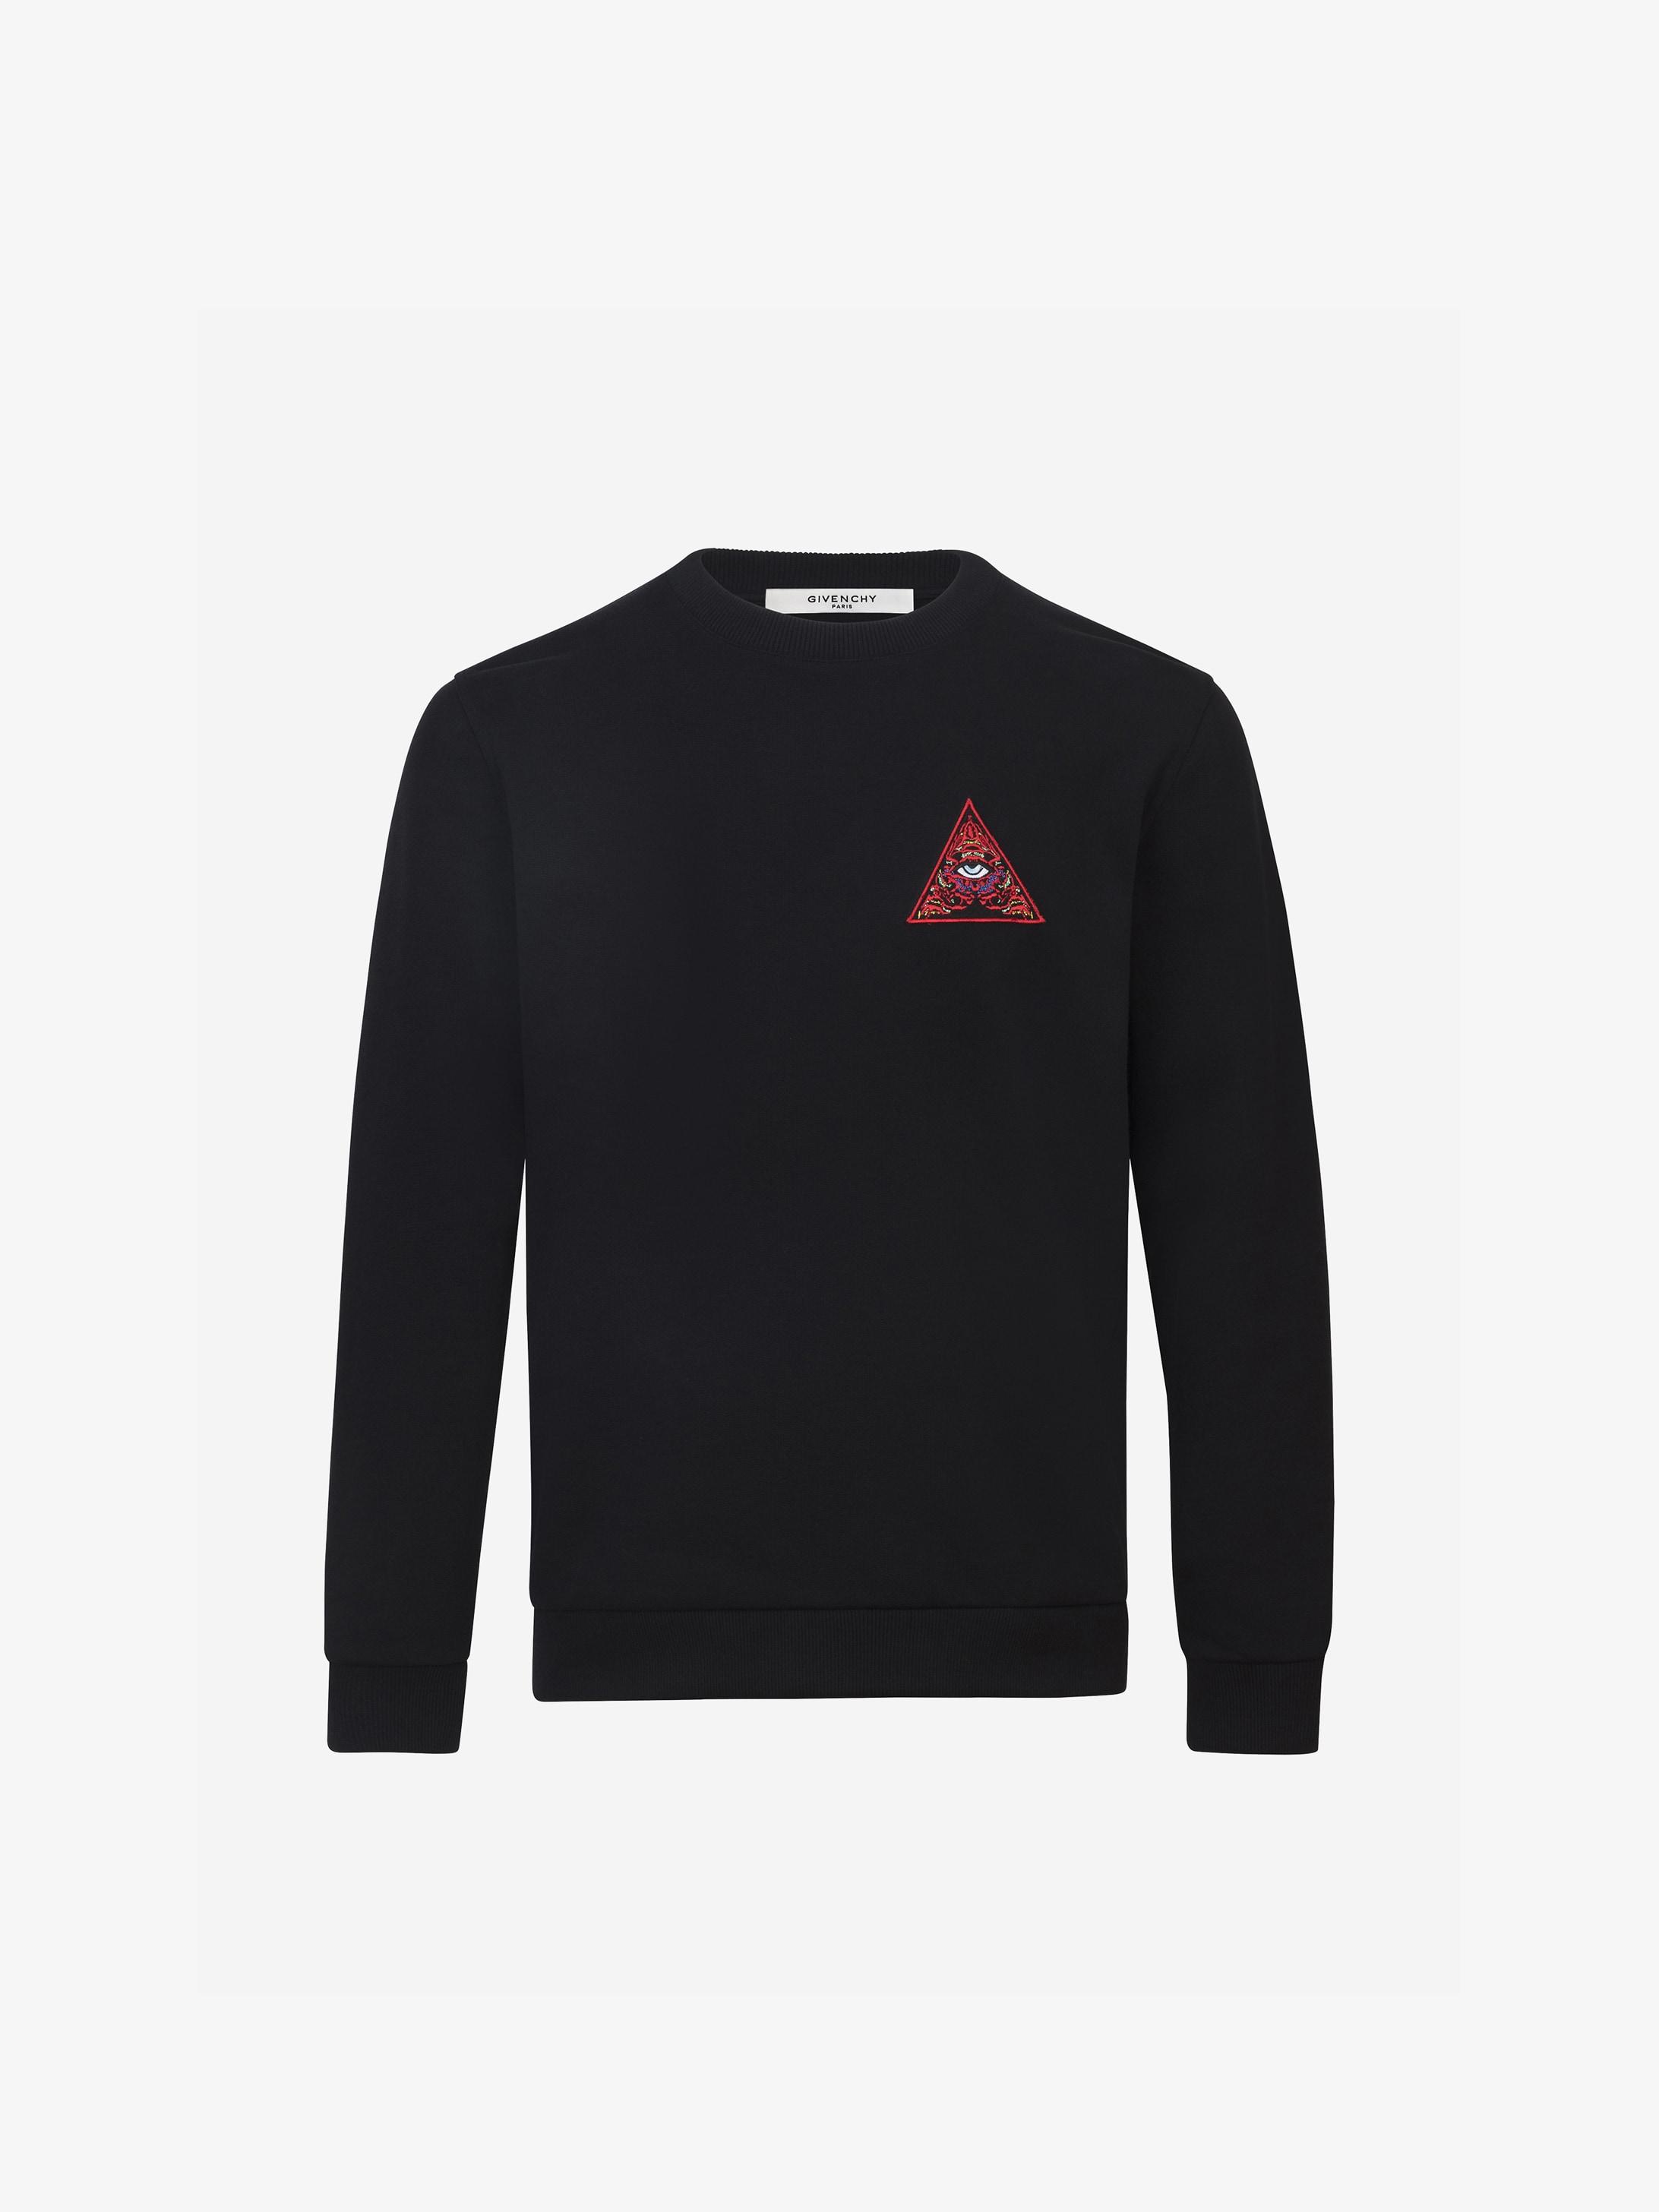 Sweatshirt brodé REAL EYES